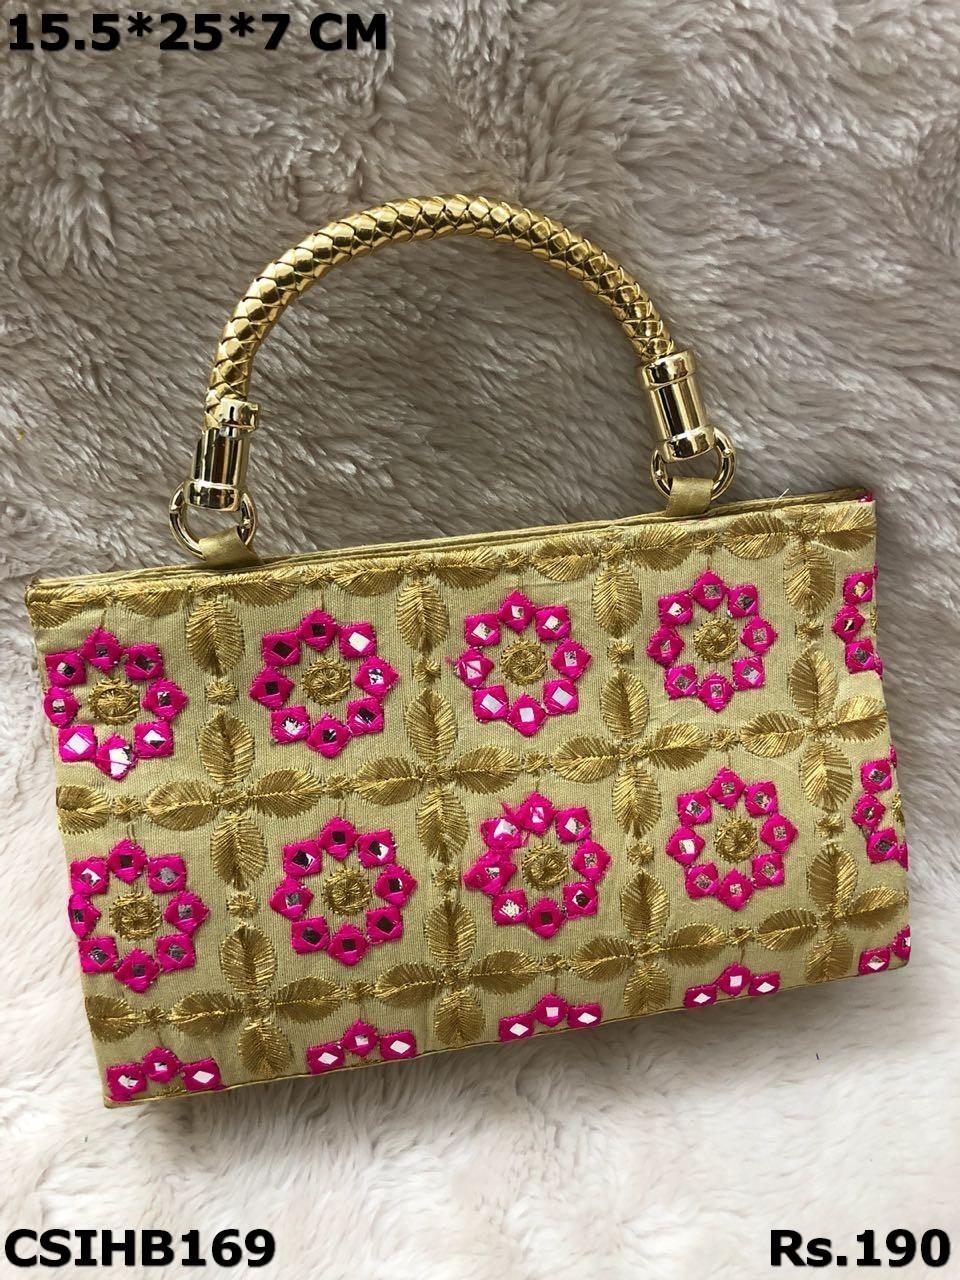 Embroidered handbag